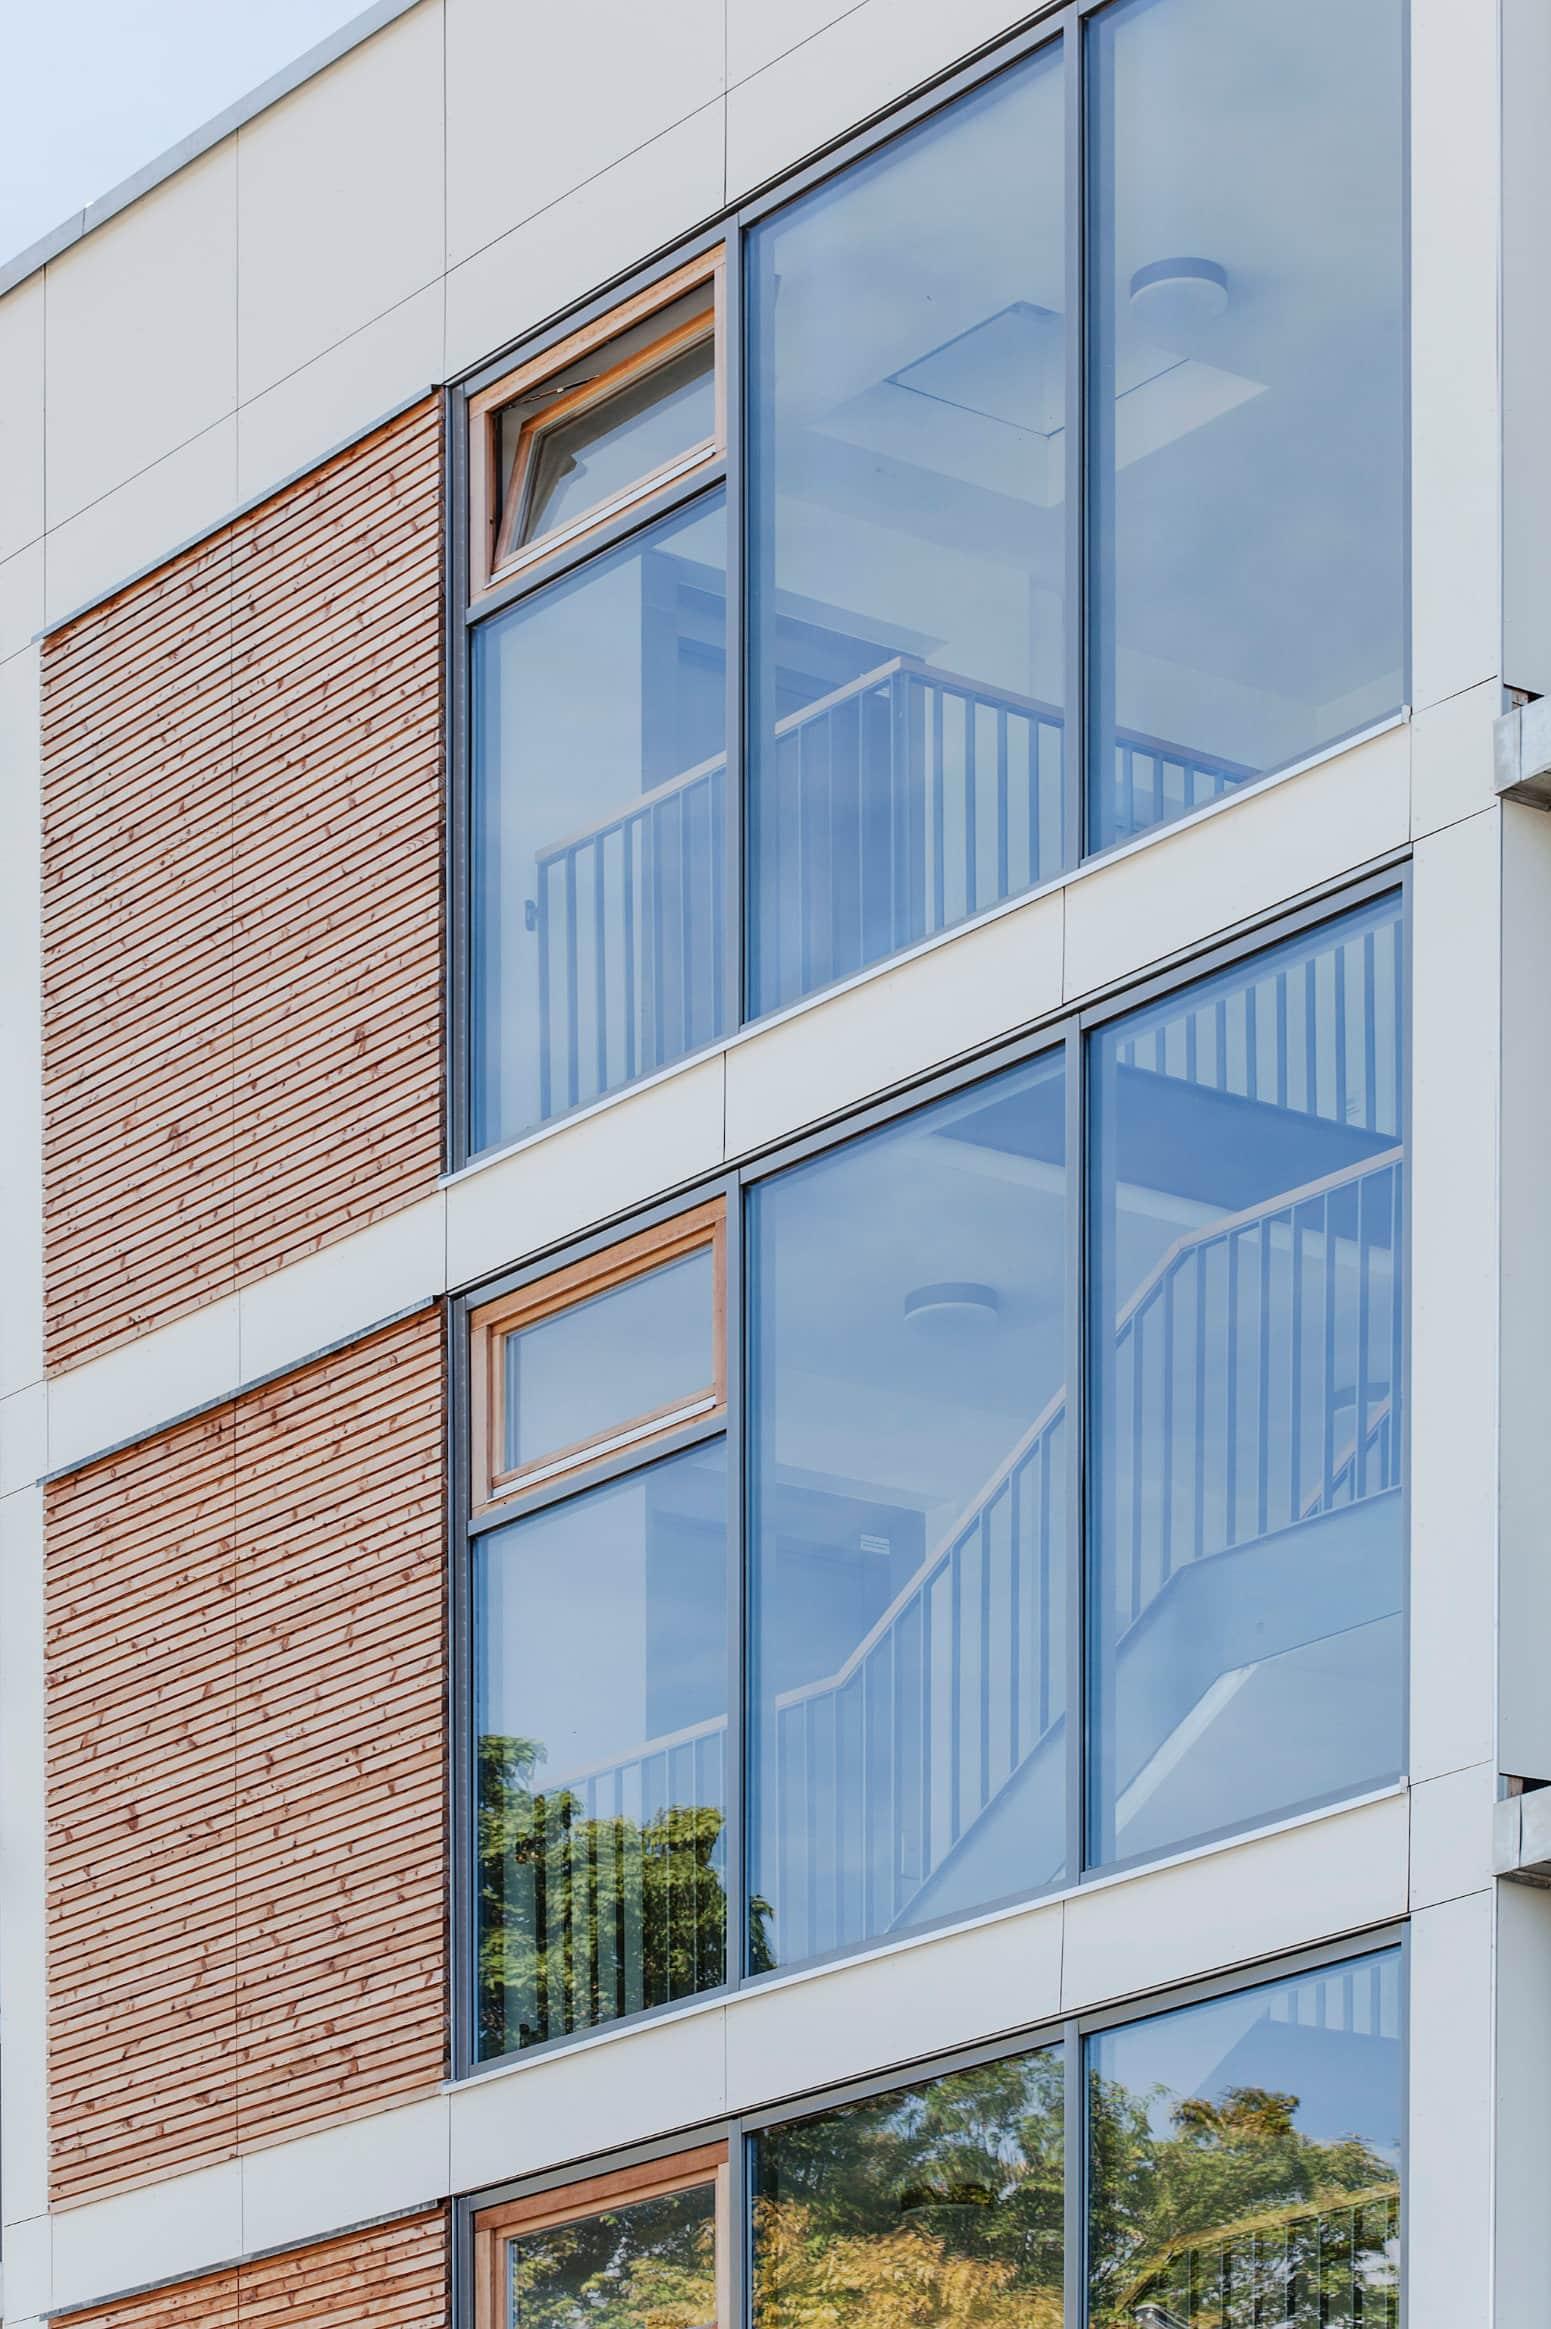 Fassade der Passivhaus-Wohnanlage NEST AB2 am Ackermannbogen in München. Ausgezeichnet mit dem Preis für Qualität im Wohnungsbau 2015 BFW Landesverband Bayern und werkbund.